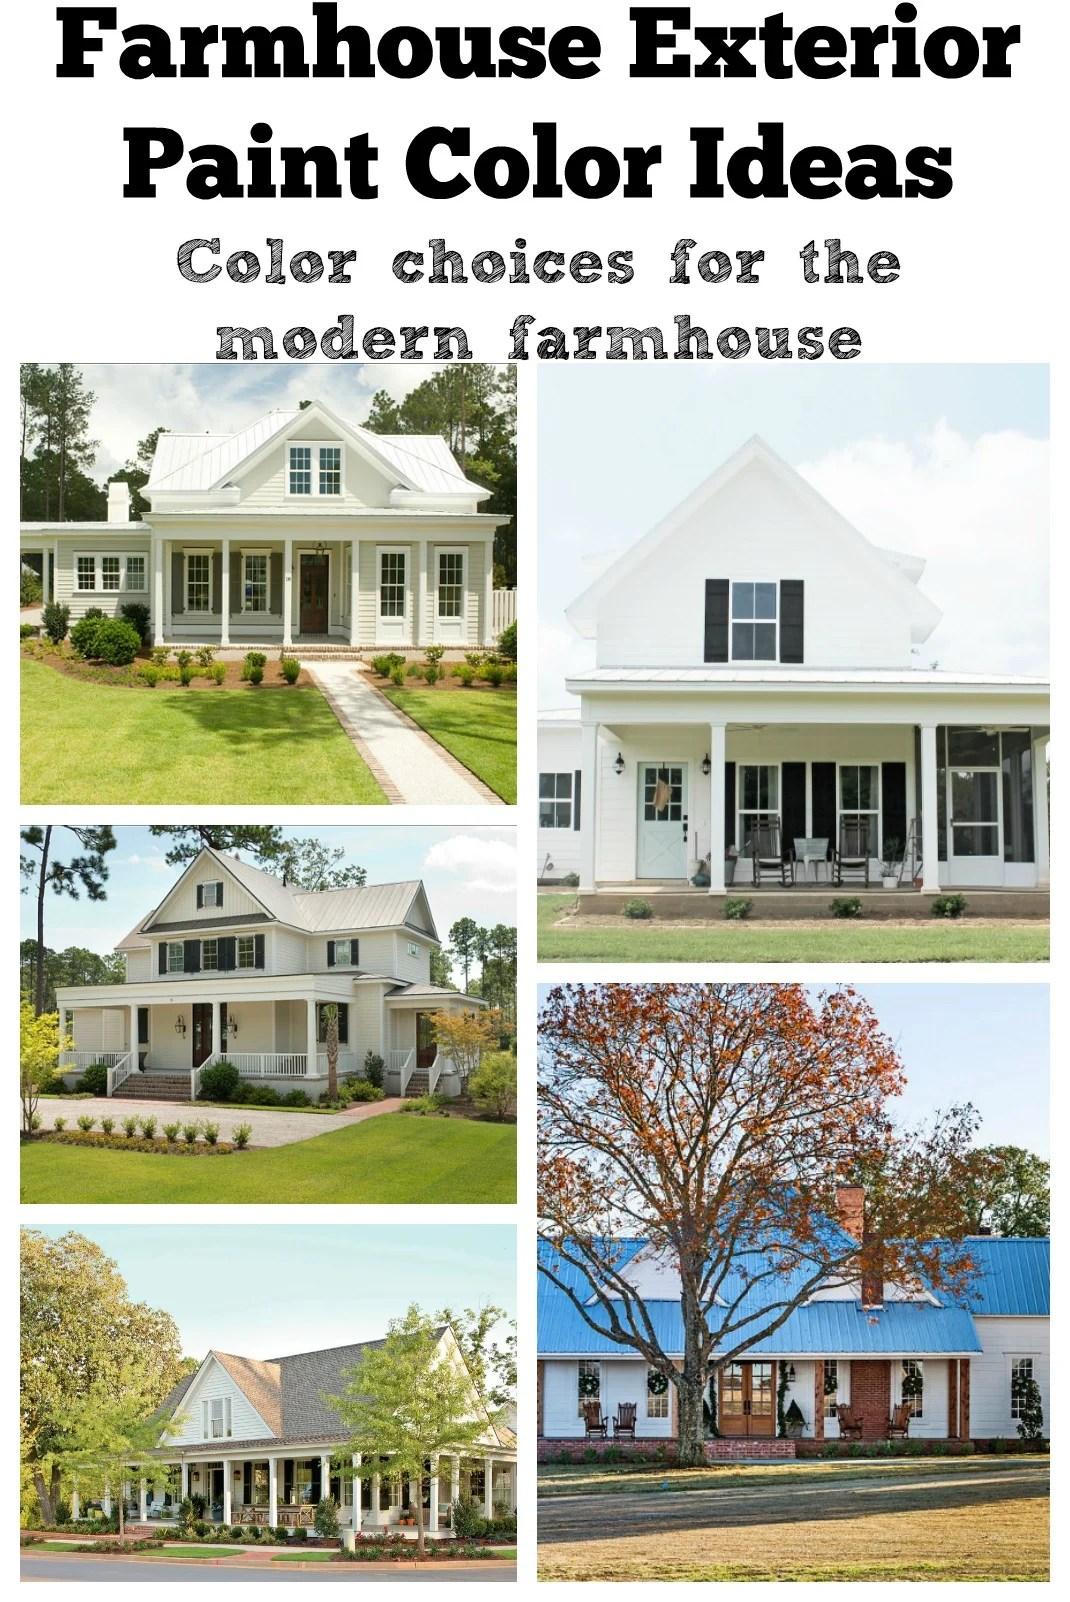 Farmhouse Exterior Paint Color Ideas on Modern House Painting Ideas  id=23028